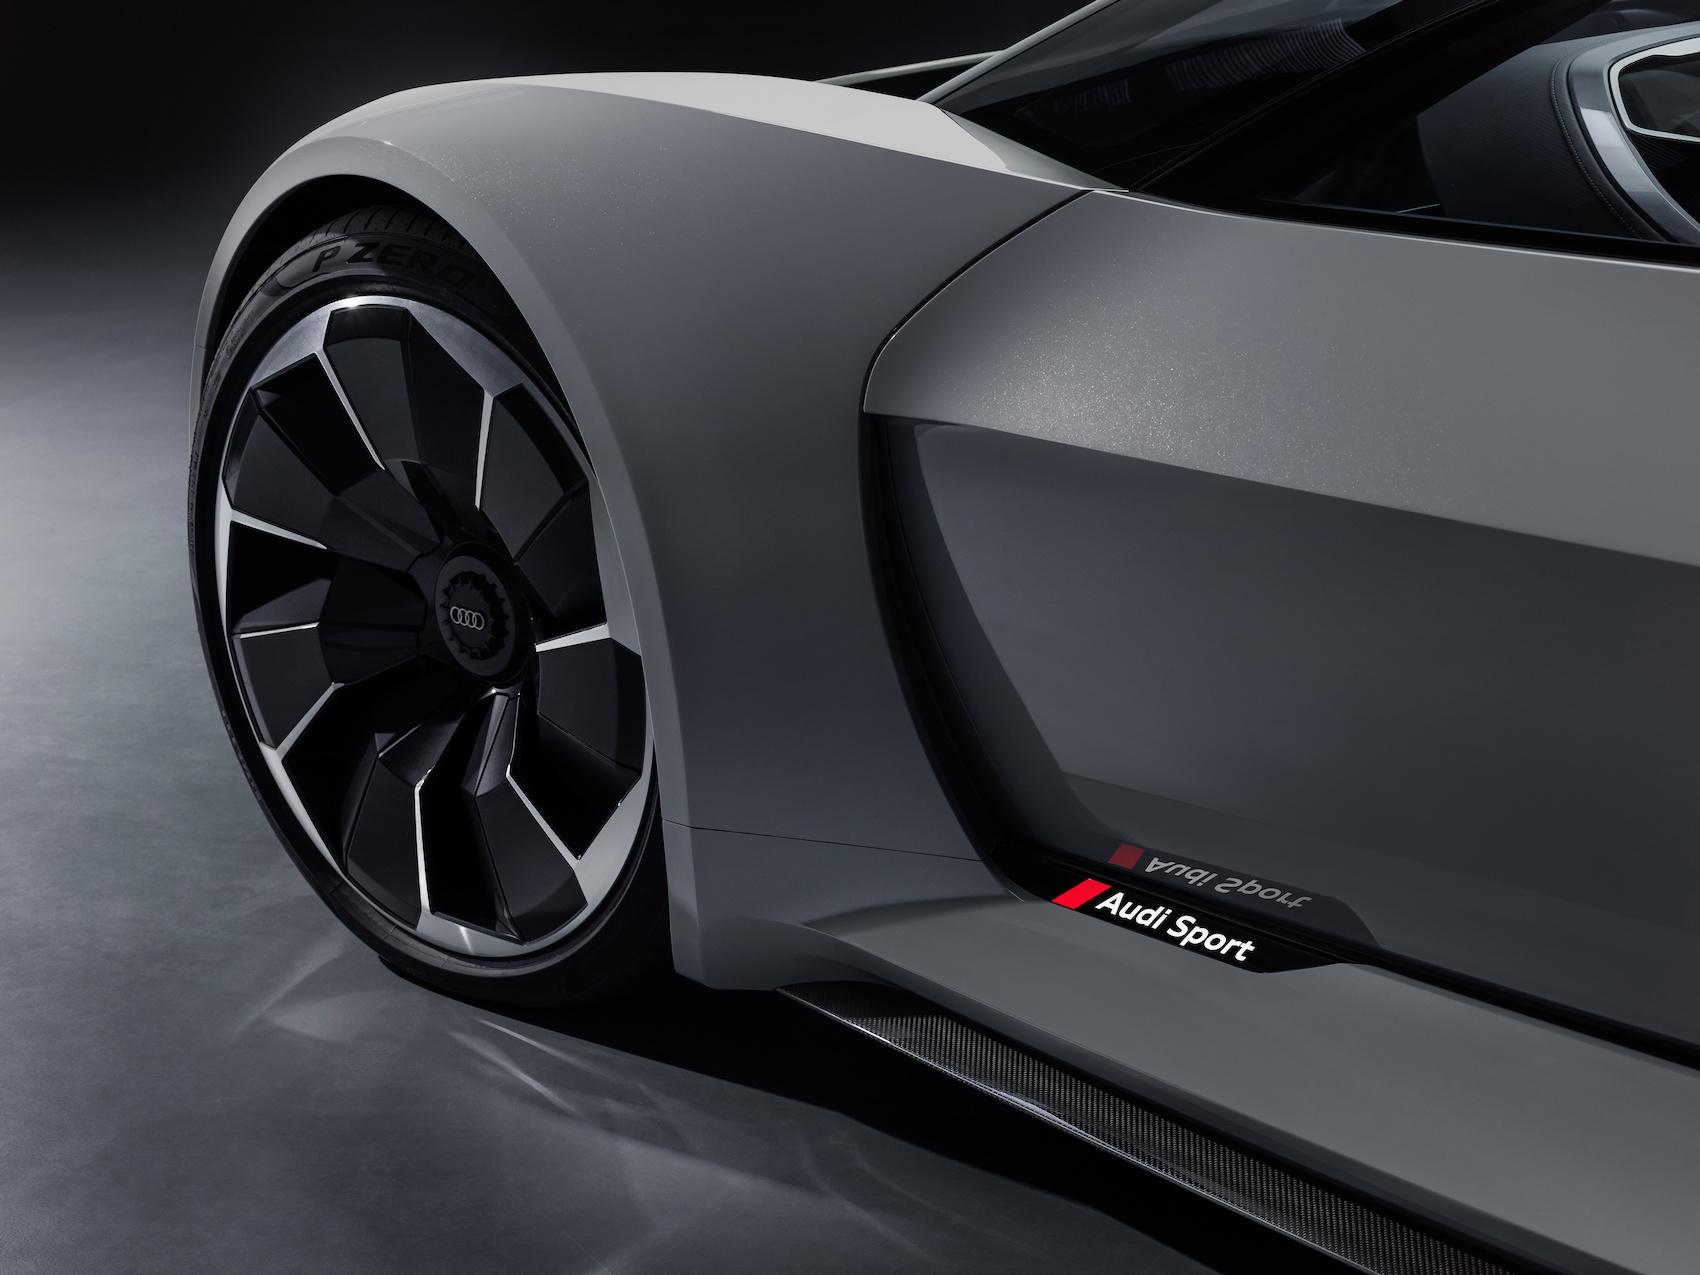 Designed by Audi in California: il progetto della PB18 è nato nel nuovo Centro Stile Audi di Malibu.